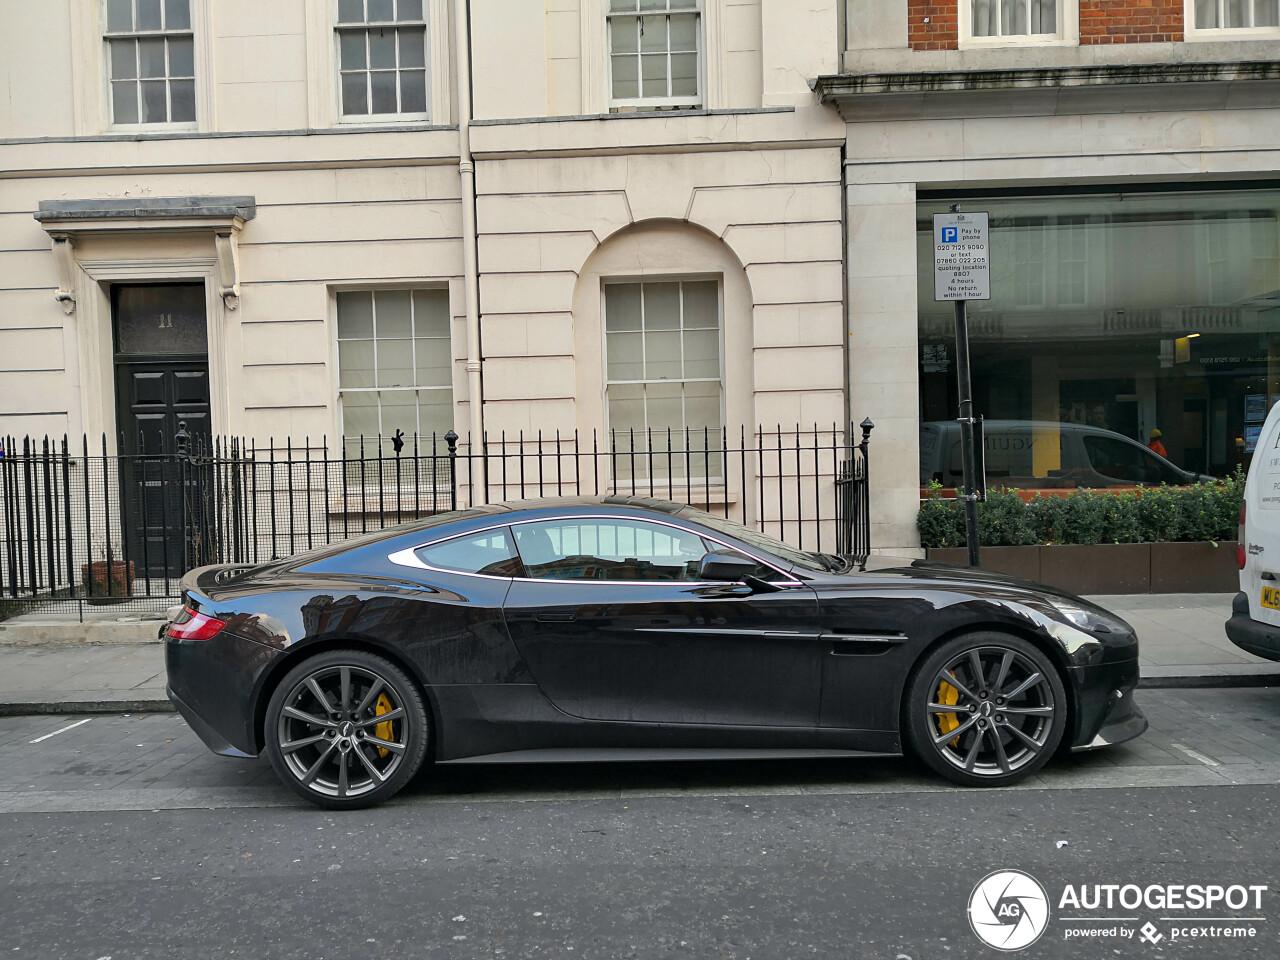 Aston Martin Vanquish 2013 11 January 2019 Autogespot